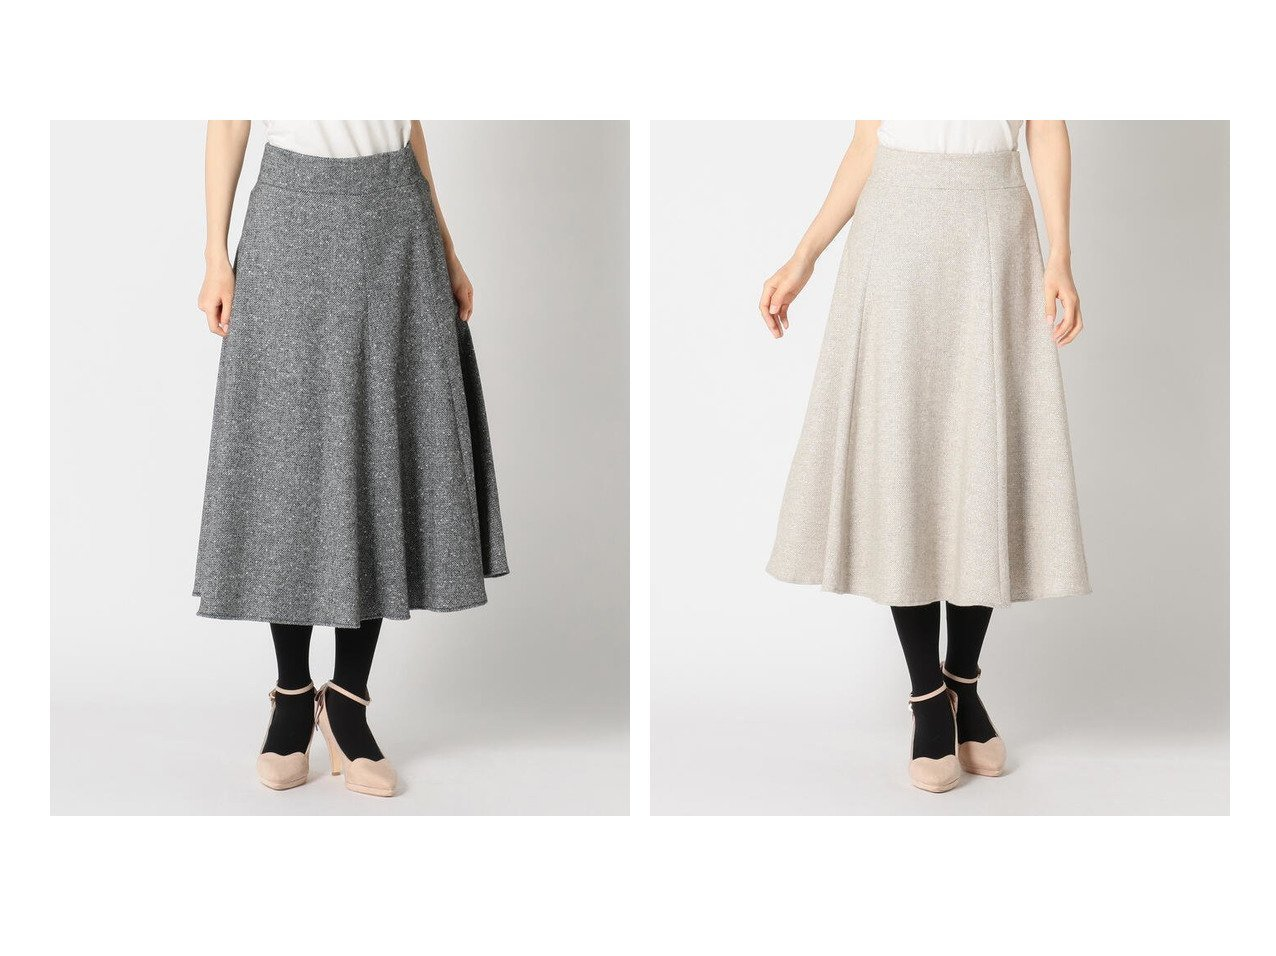 【MISCH MASCH/ミッシュマッシュ】のツイードフレアースカート スカートのおすすめ!人気トレンド・レディースファッションの通販 おすすめで人気の流行・トレンド、ファッションの通販商品 メンズファッション・キッズファッション・インテリア・家具・レディースファッション・服の通販 founy(ファニー) https://founy.com/ ファッション Fashion レディースファッション WOMEN スカート Skirt Aライン/フレアスカート Flared A-Line Skirts ギャザー ショート ツイード フレア ロング  ID:crp329100000008535